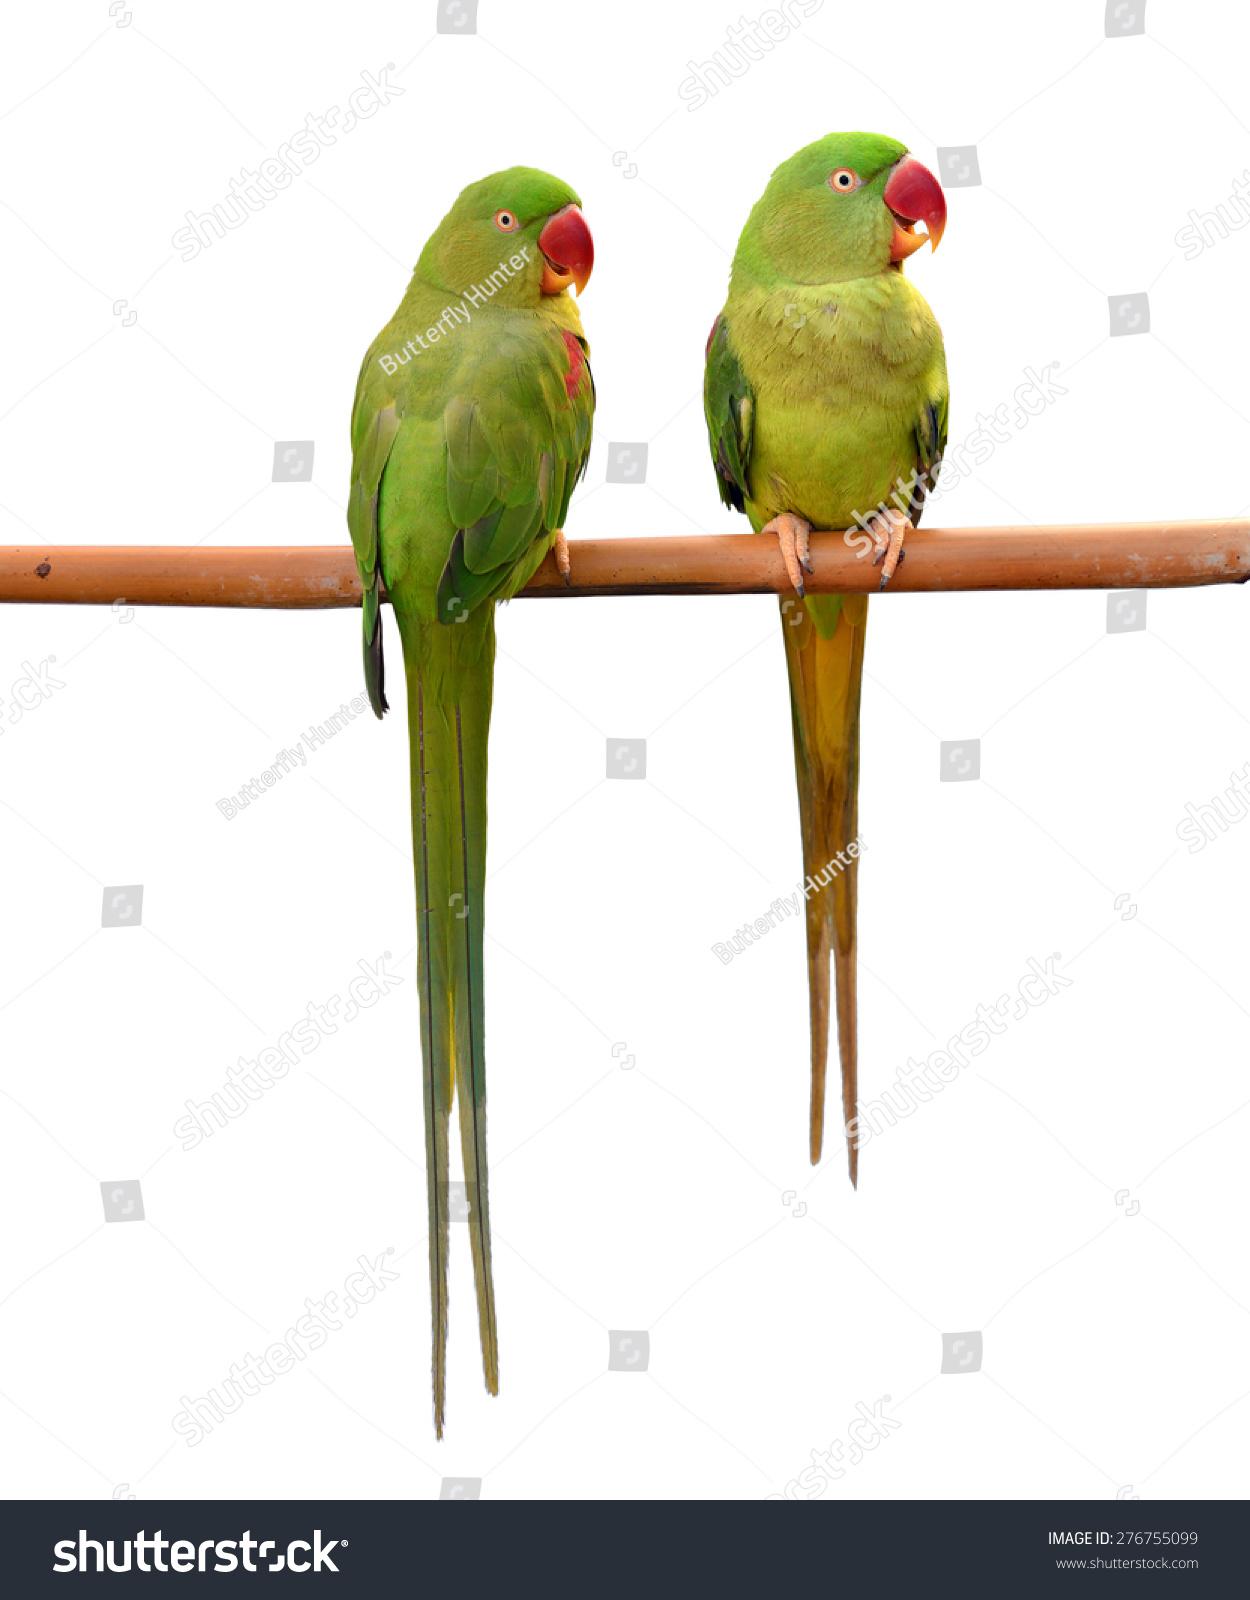 同上长尾小鹦鹉,绿色的鹦鹉鸟孤立在白色背景-动物